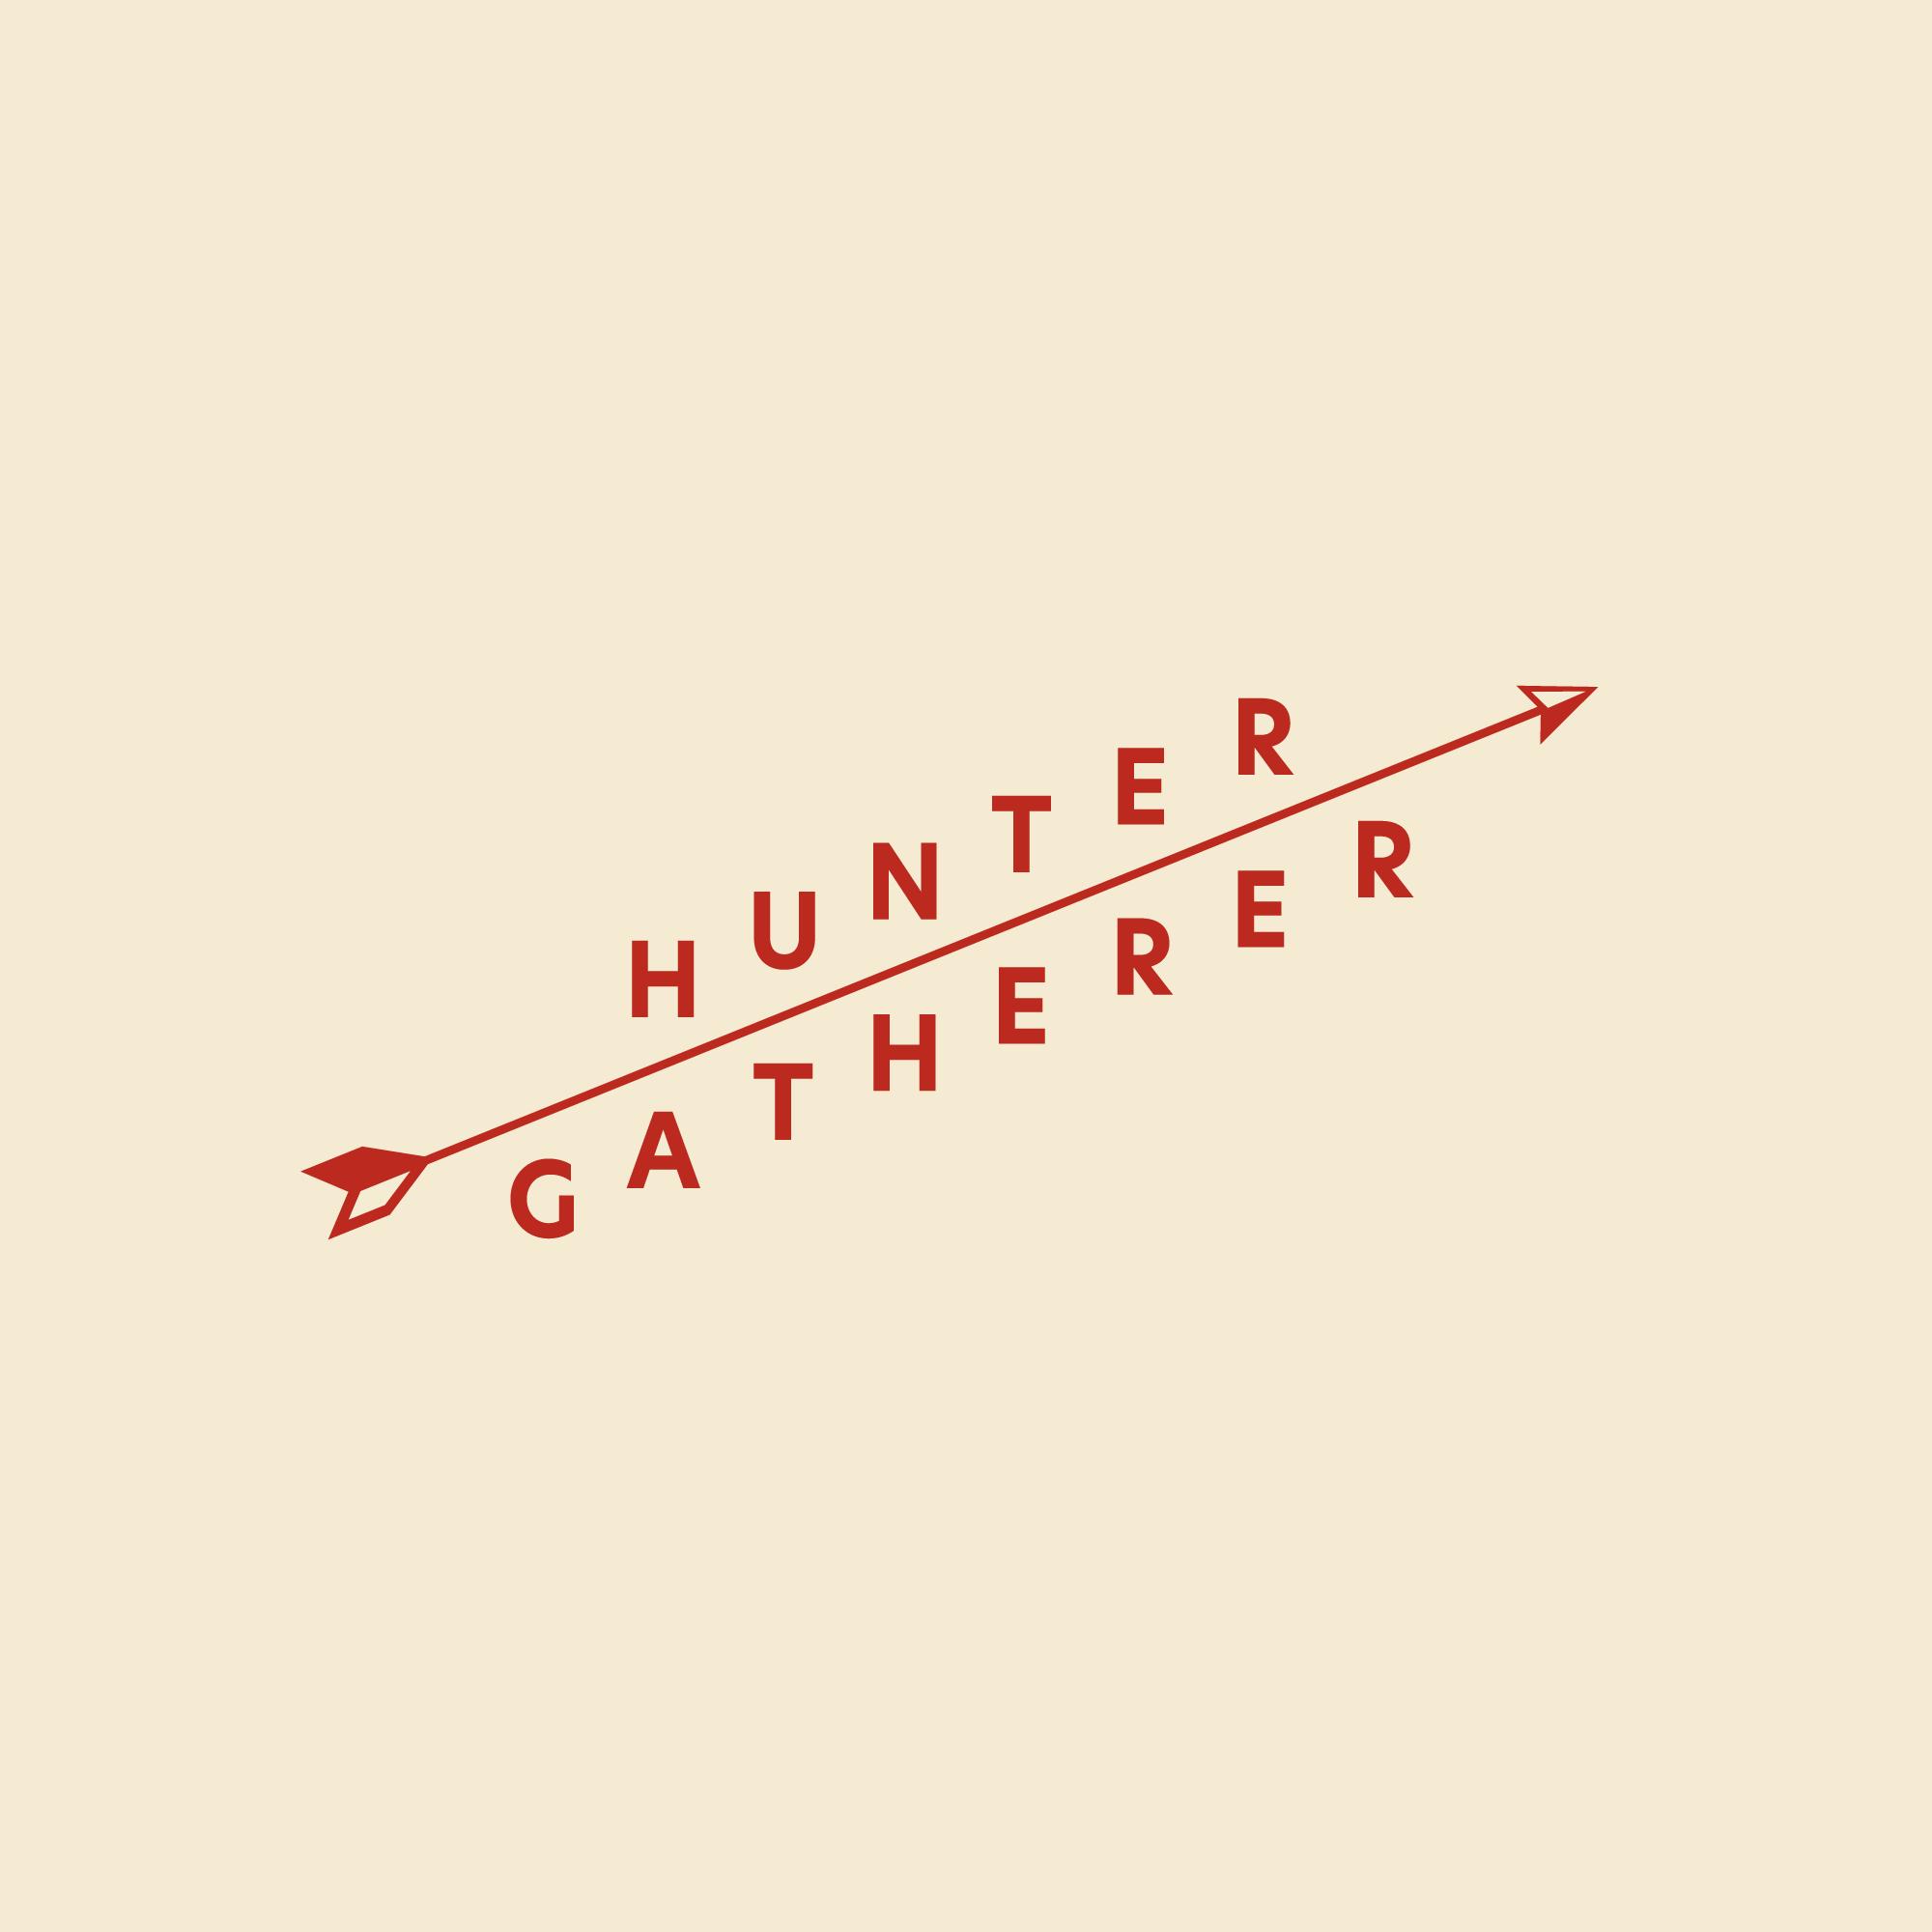 Hunter Gatherer Logotype